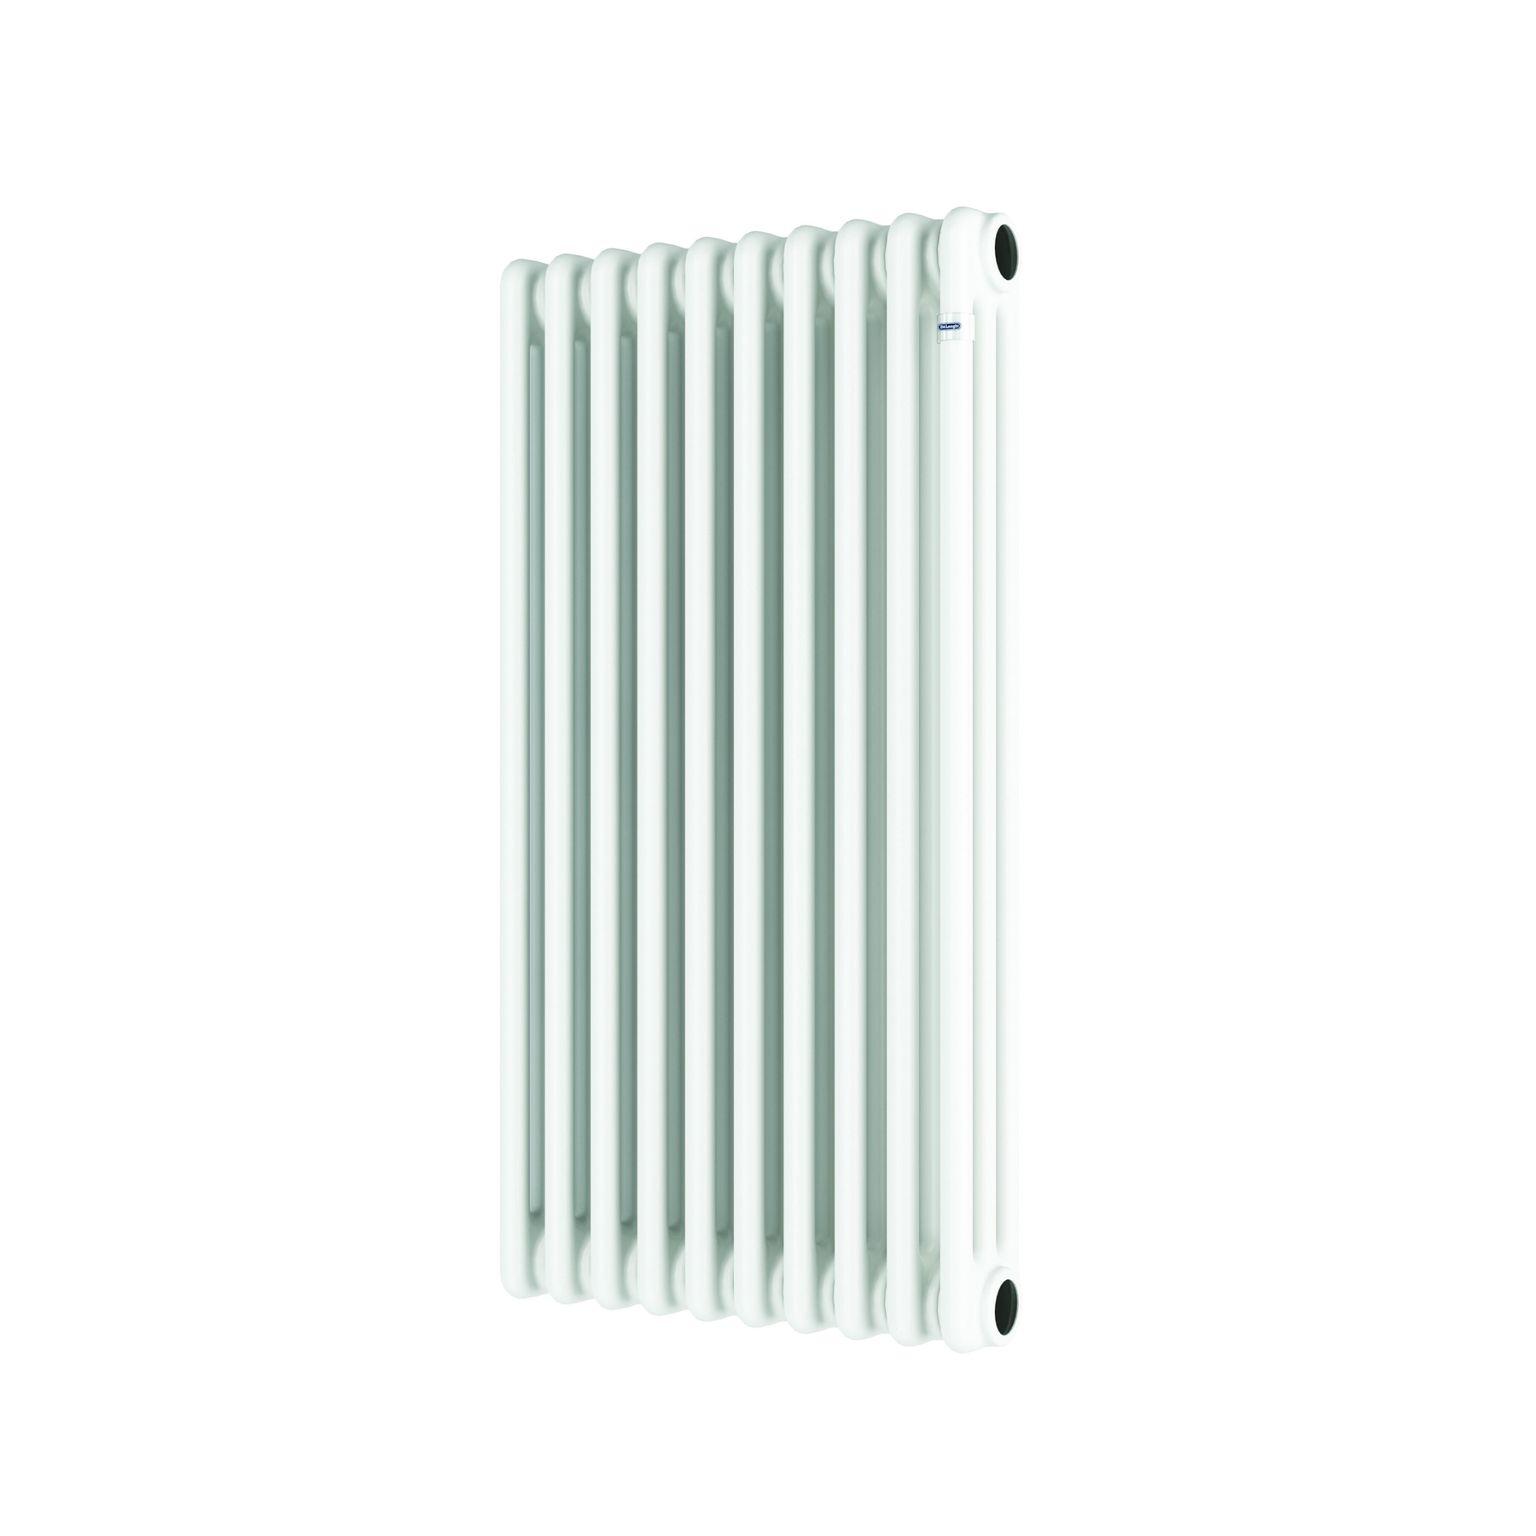 Radiatori In Alluminio O Acciaio radiatore, come funziona: spiegazione facile - blog